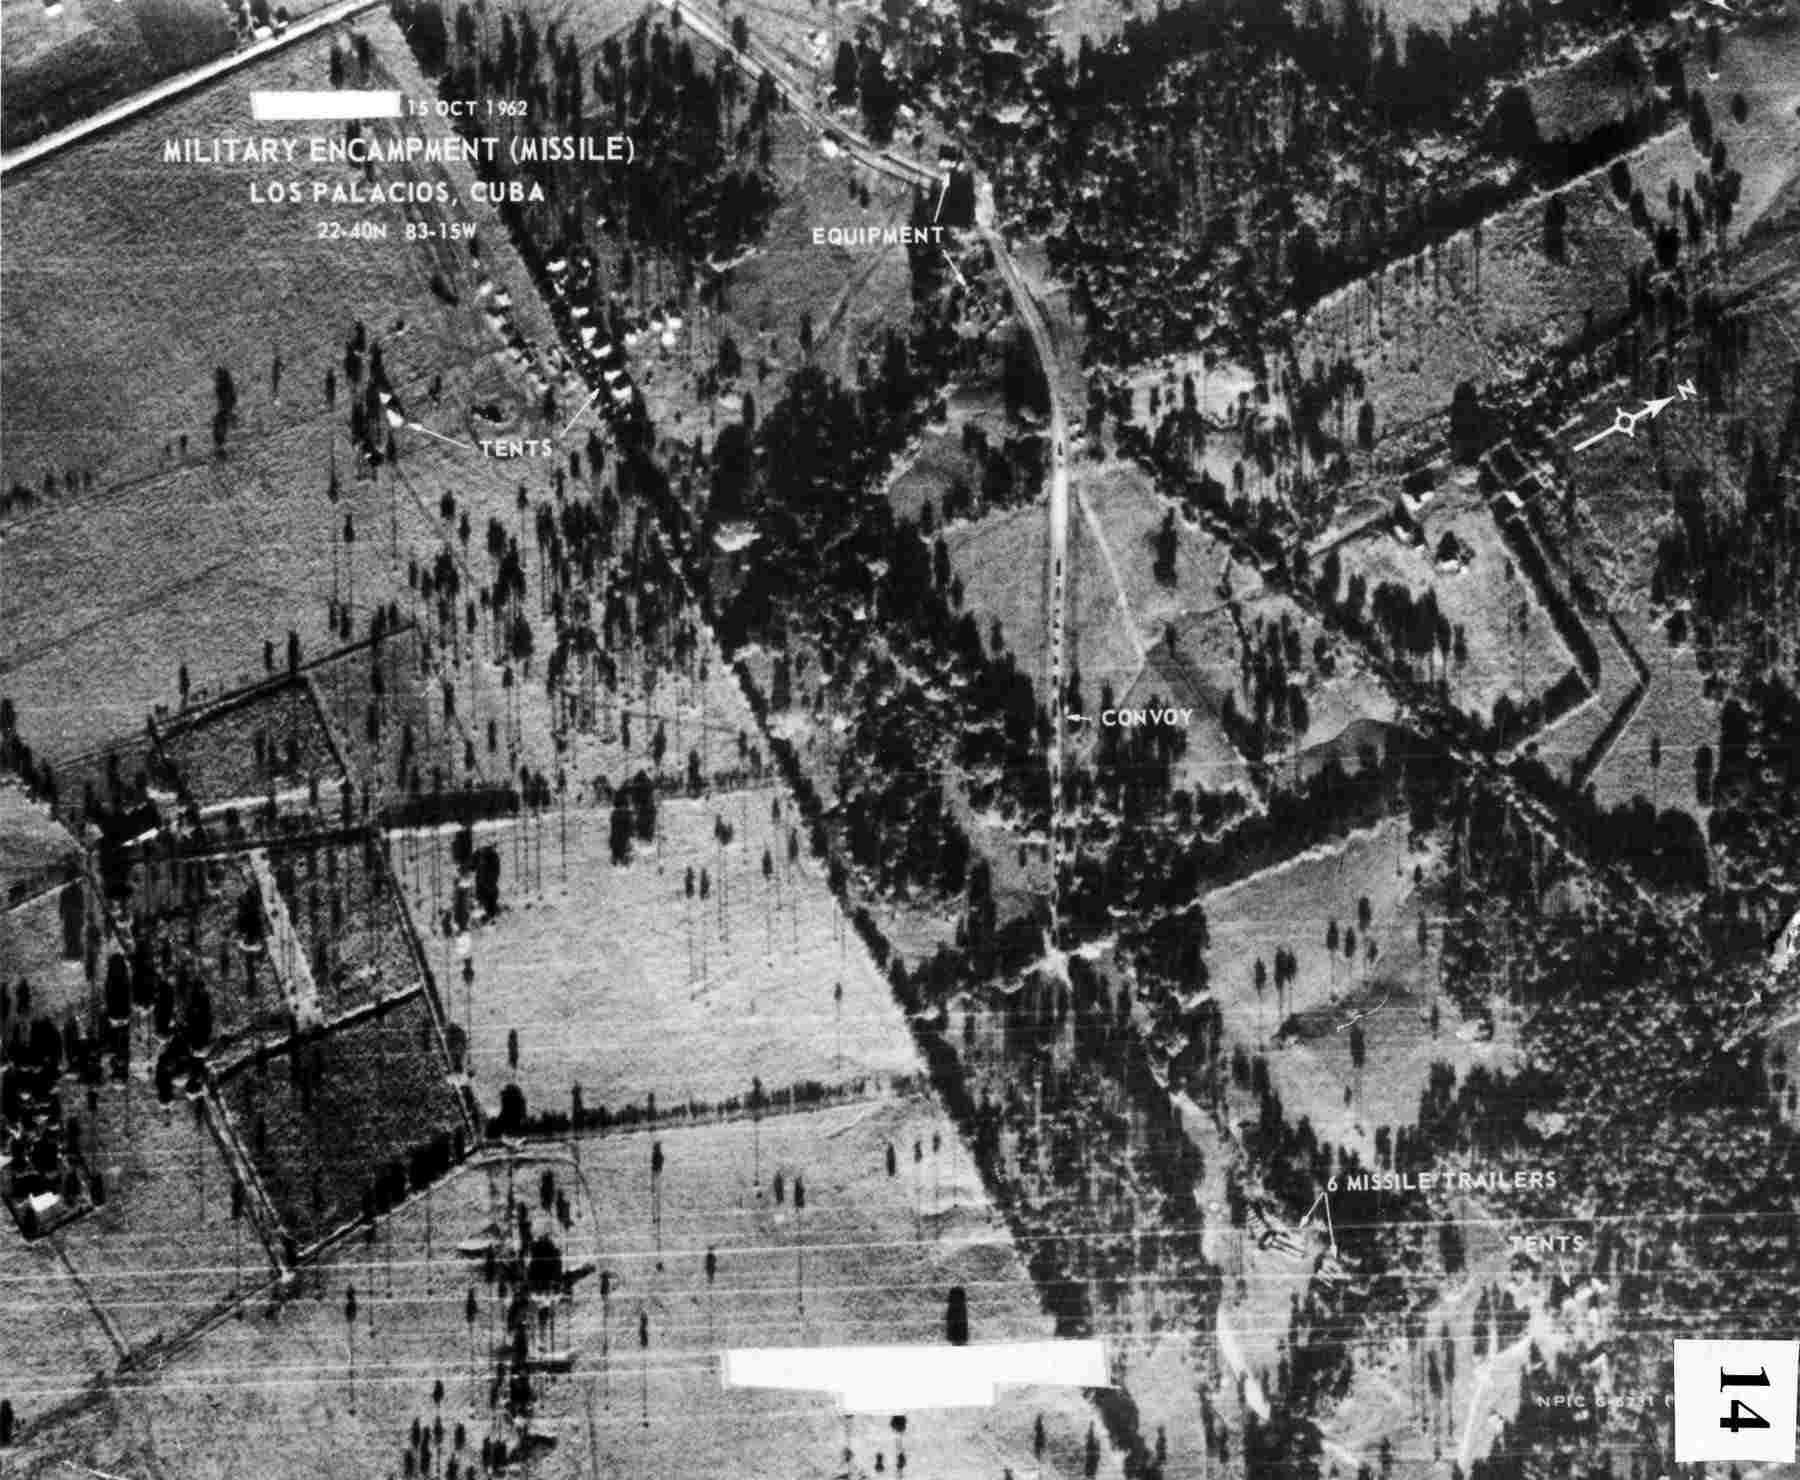 Un convoy de camiones soviéticos desplegando misiles